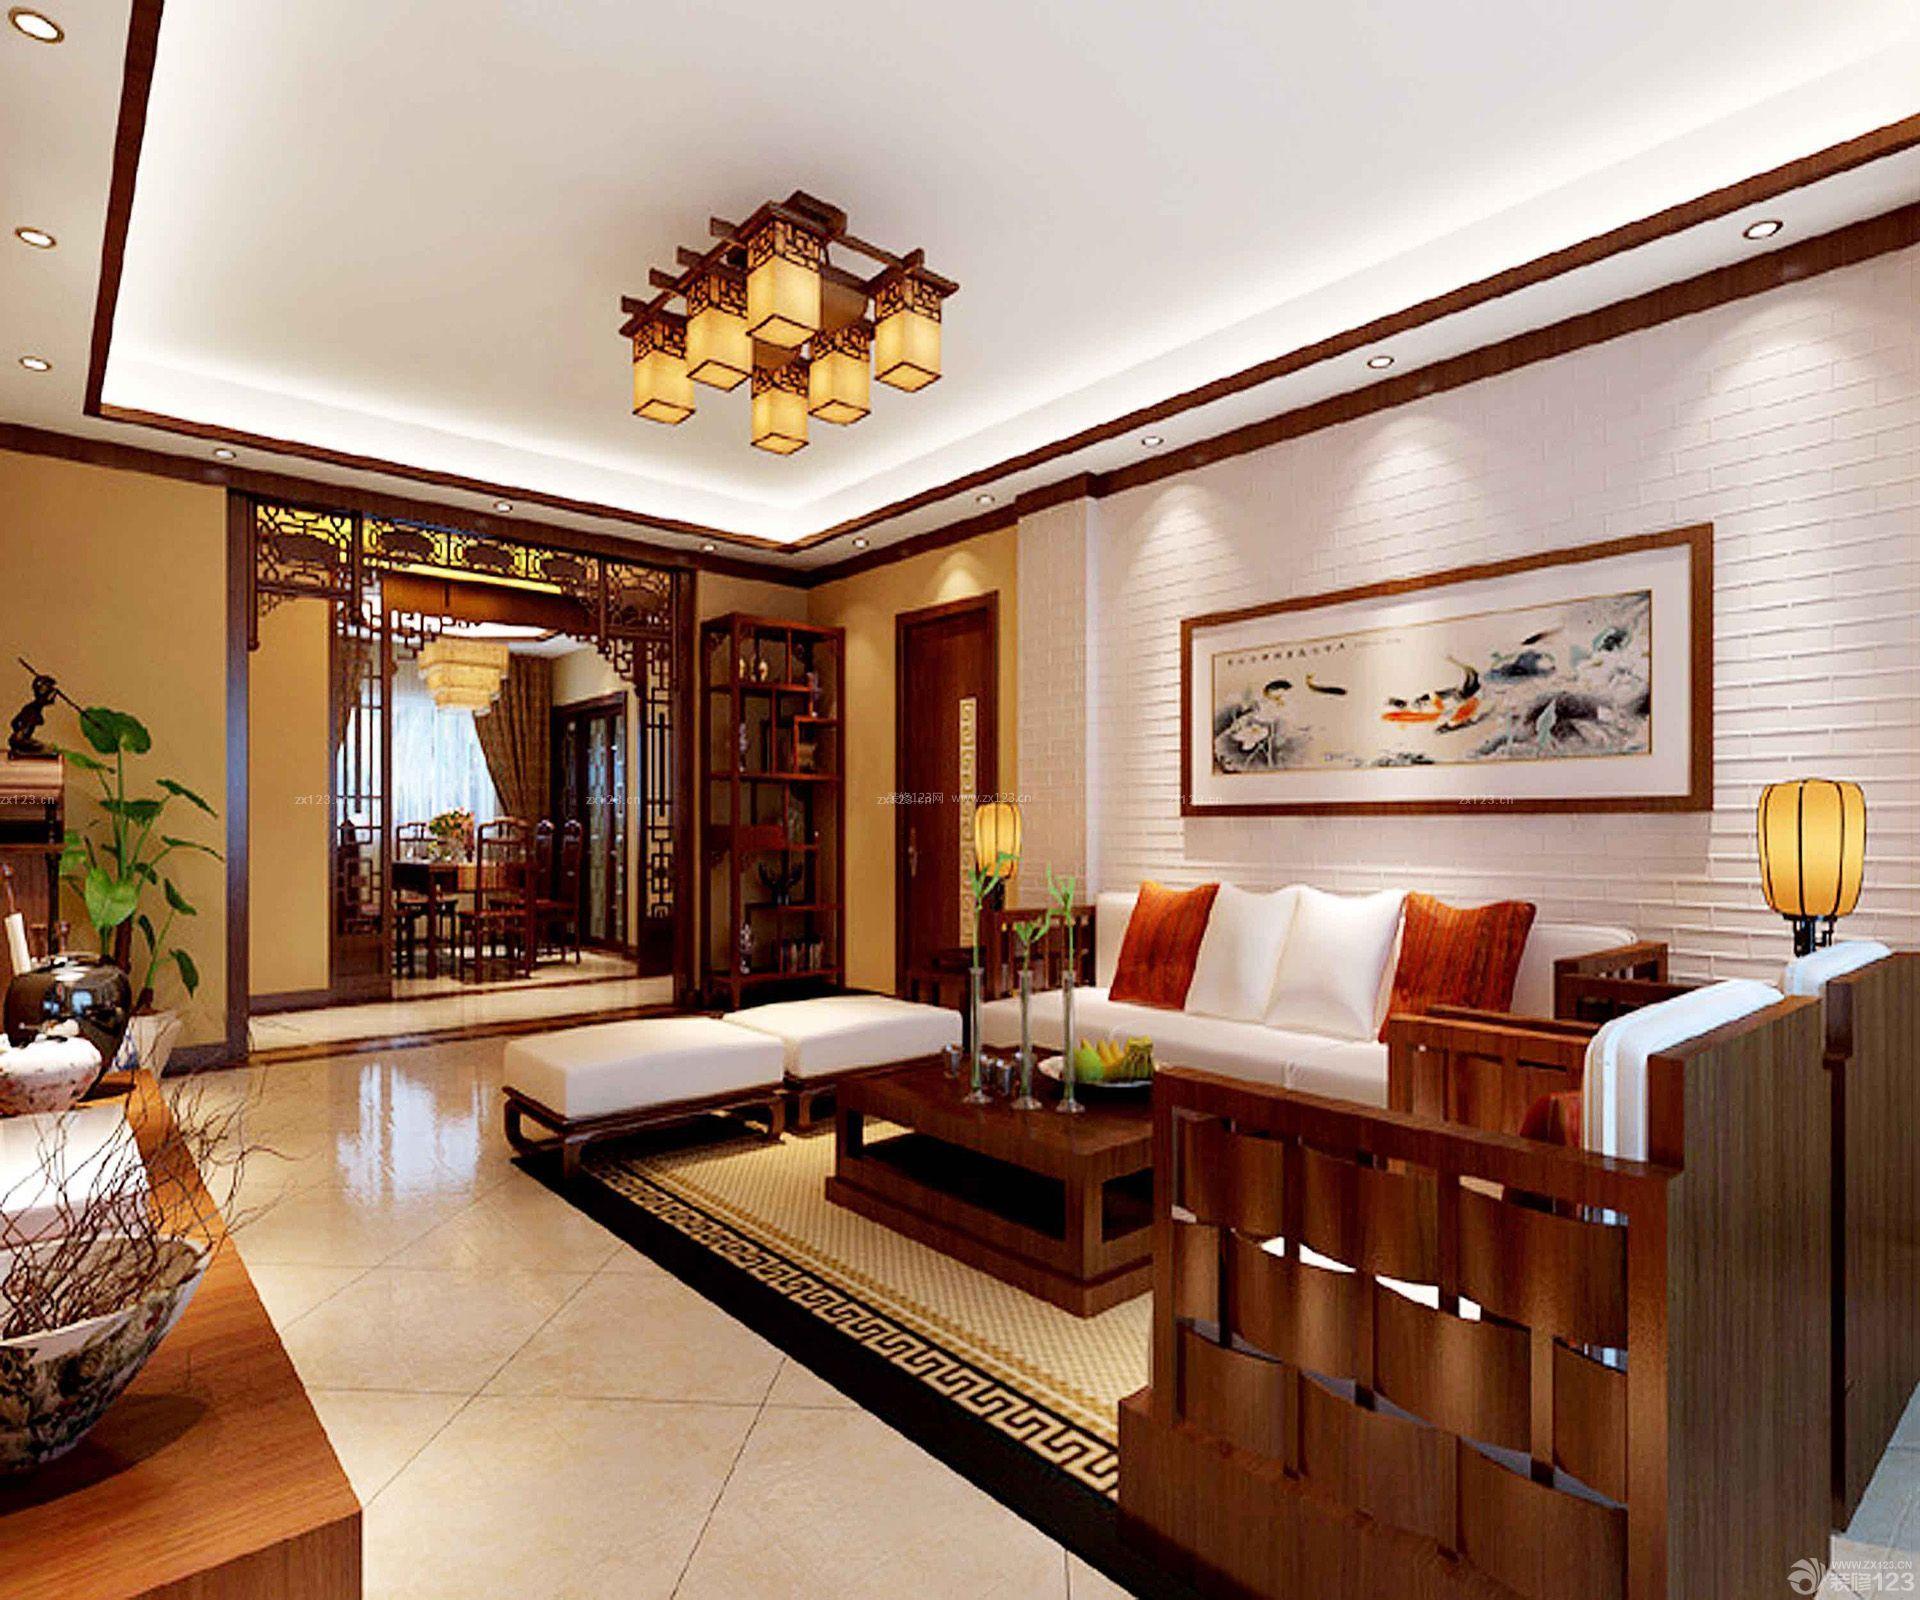 中式红木家具房屋装修效果图大全2015图片